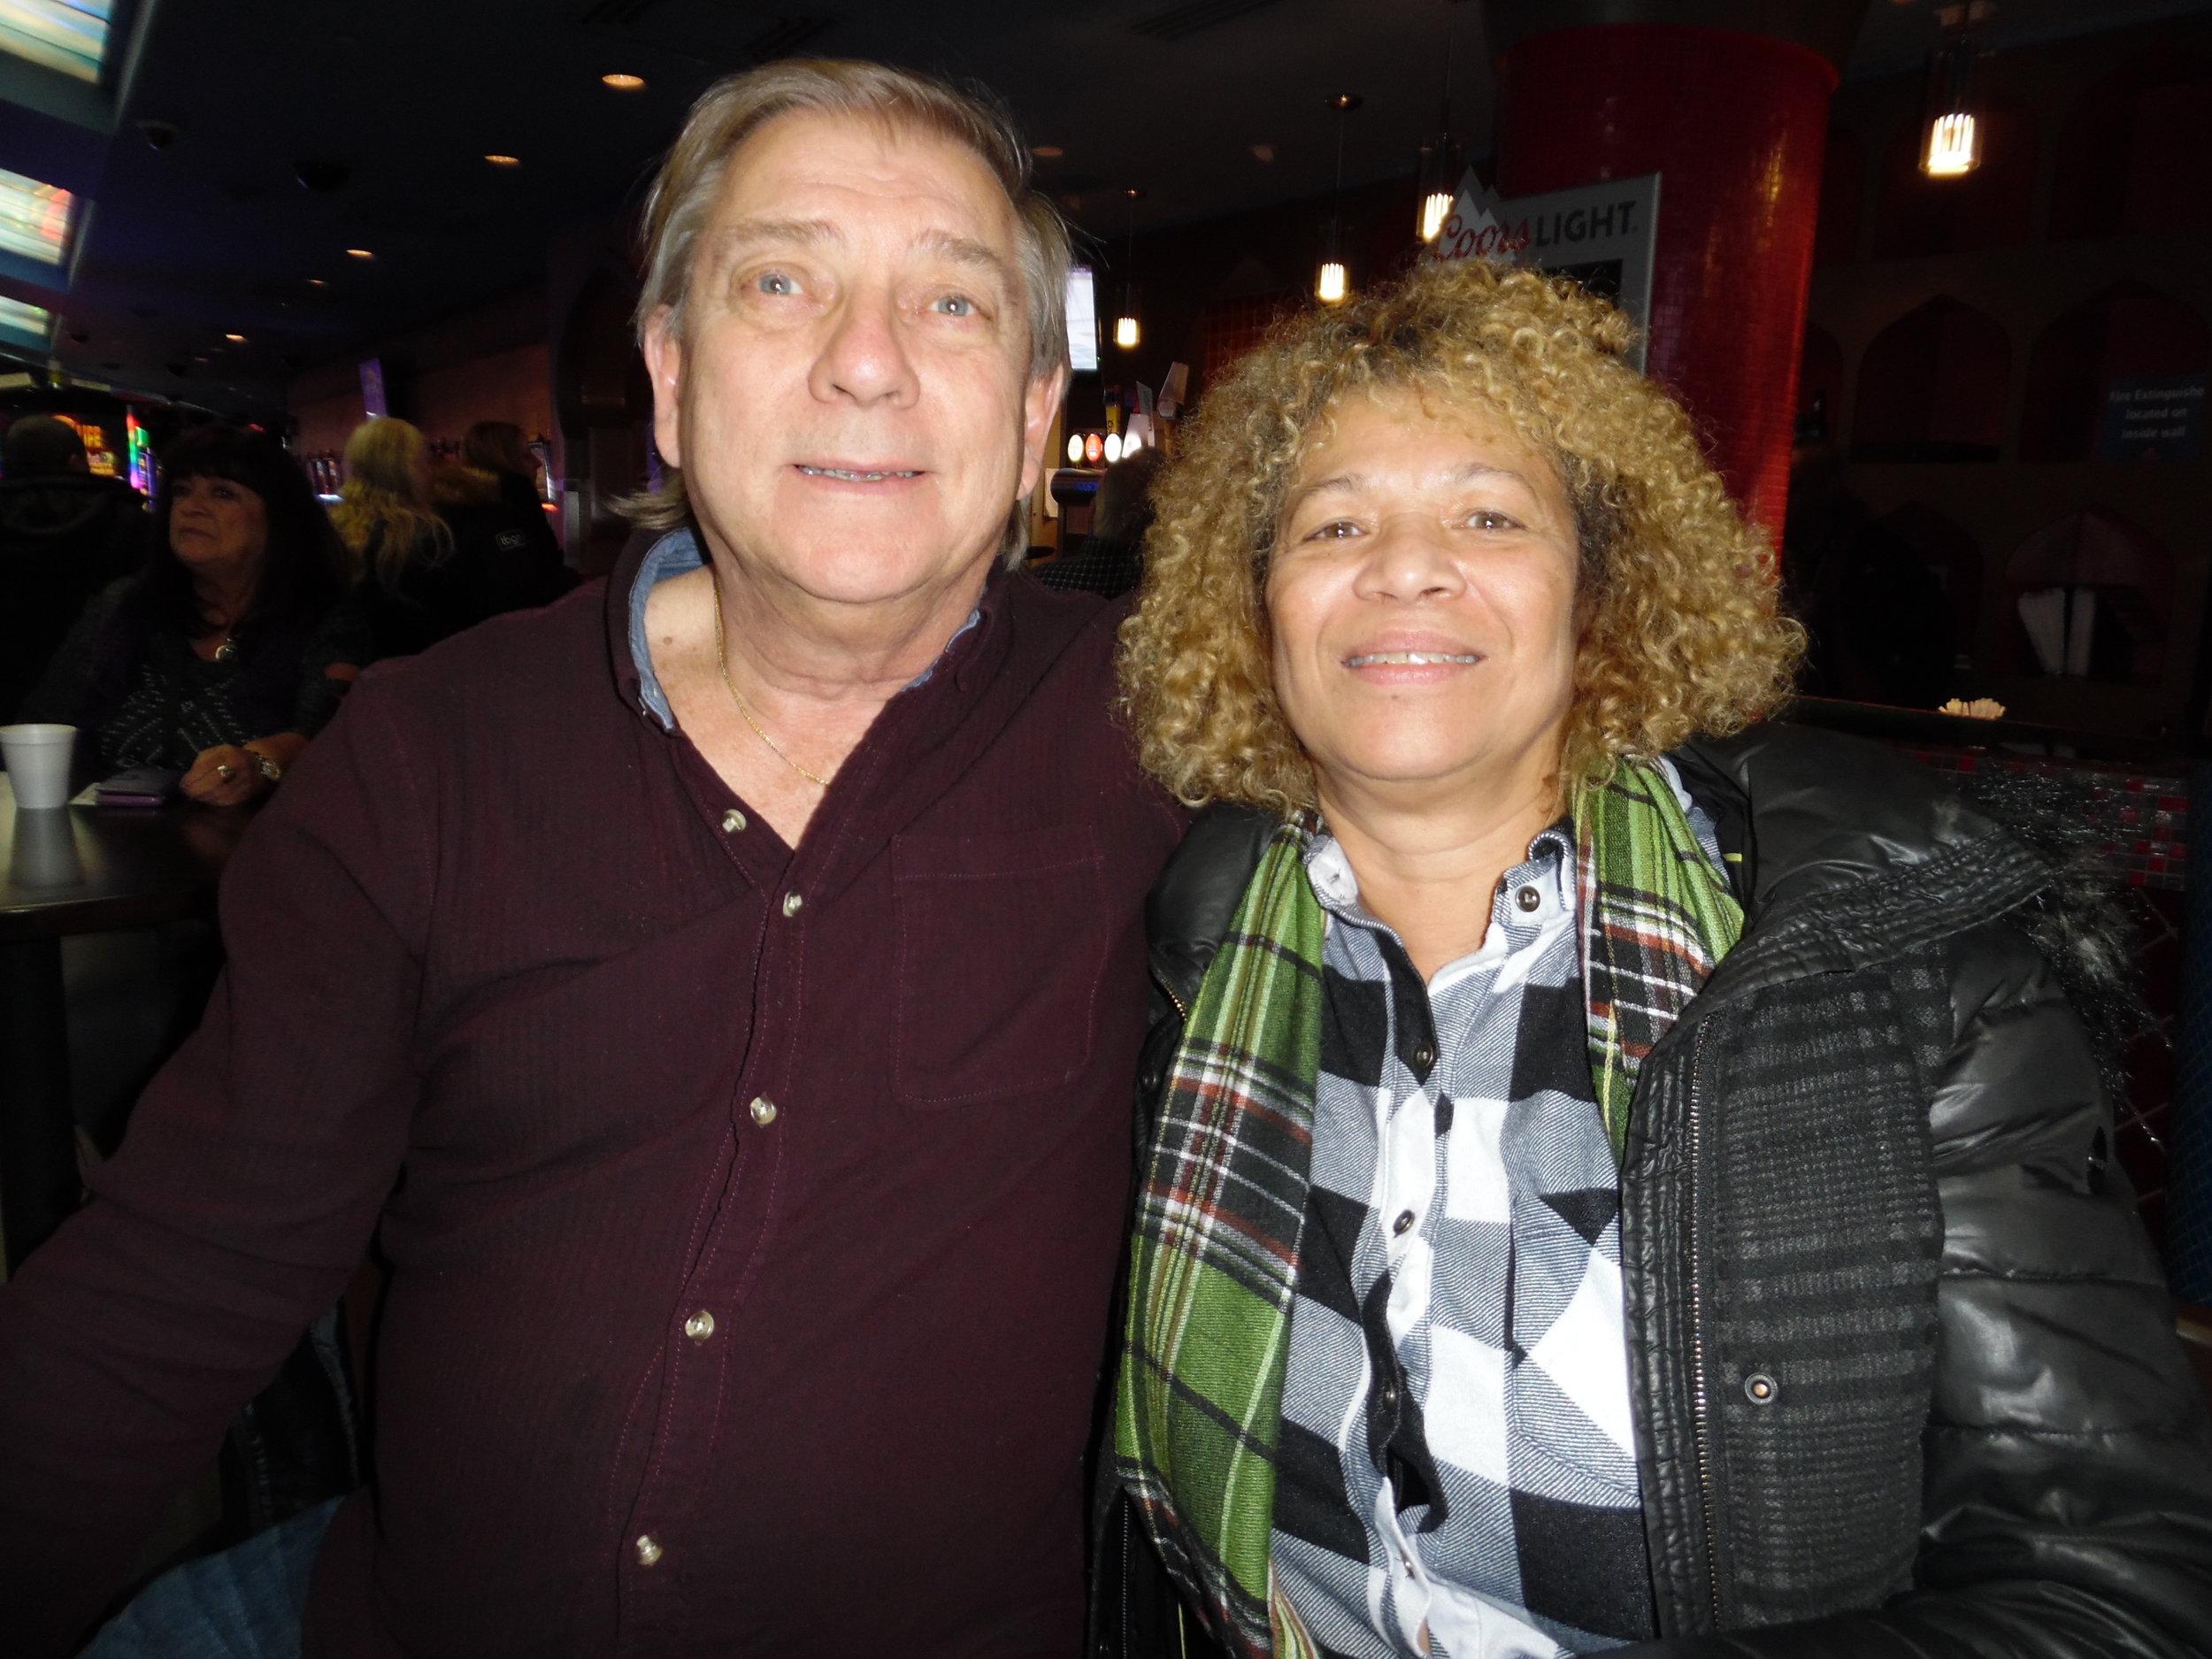 Carl Krebss and Deb Schiffner at ETA  Bruno Nesci 's Flamboro show.